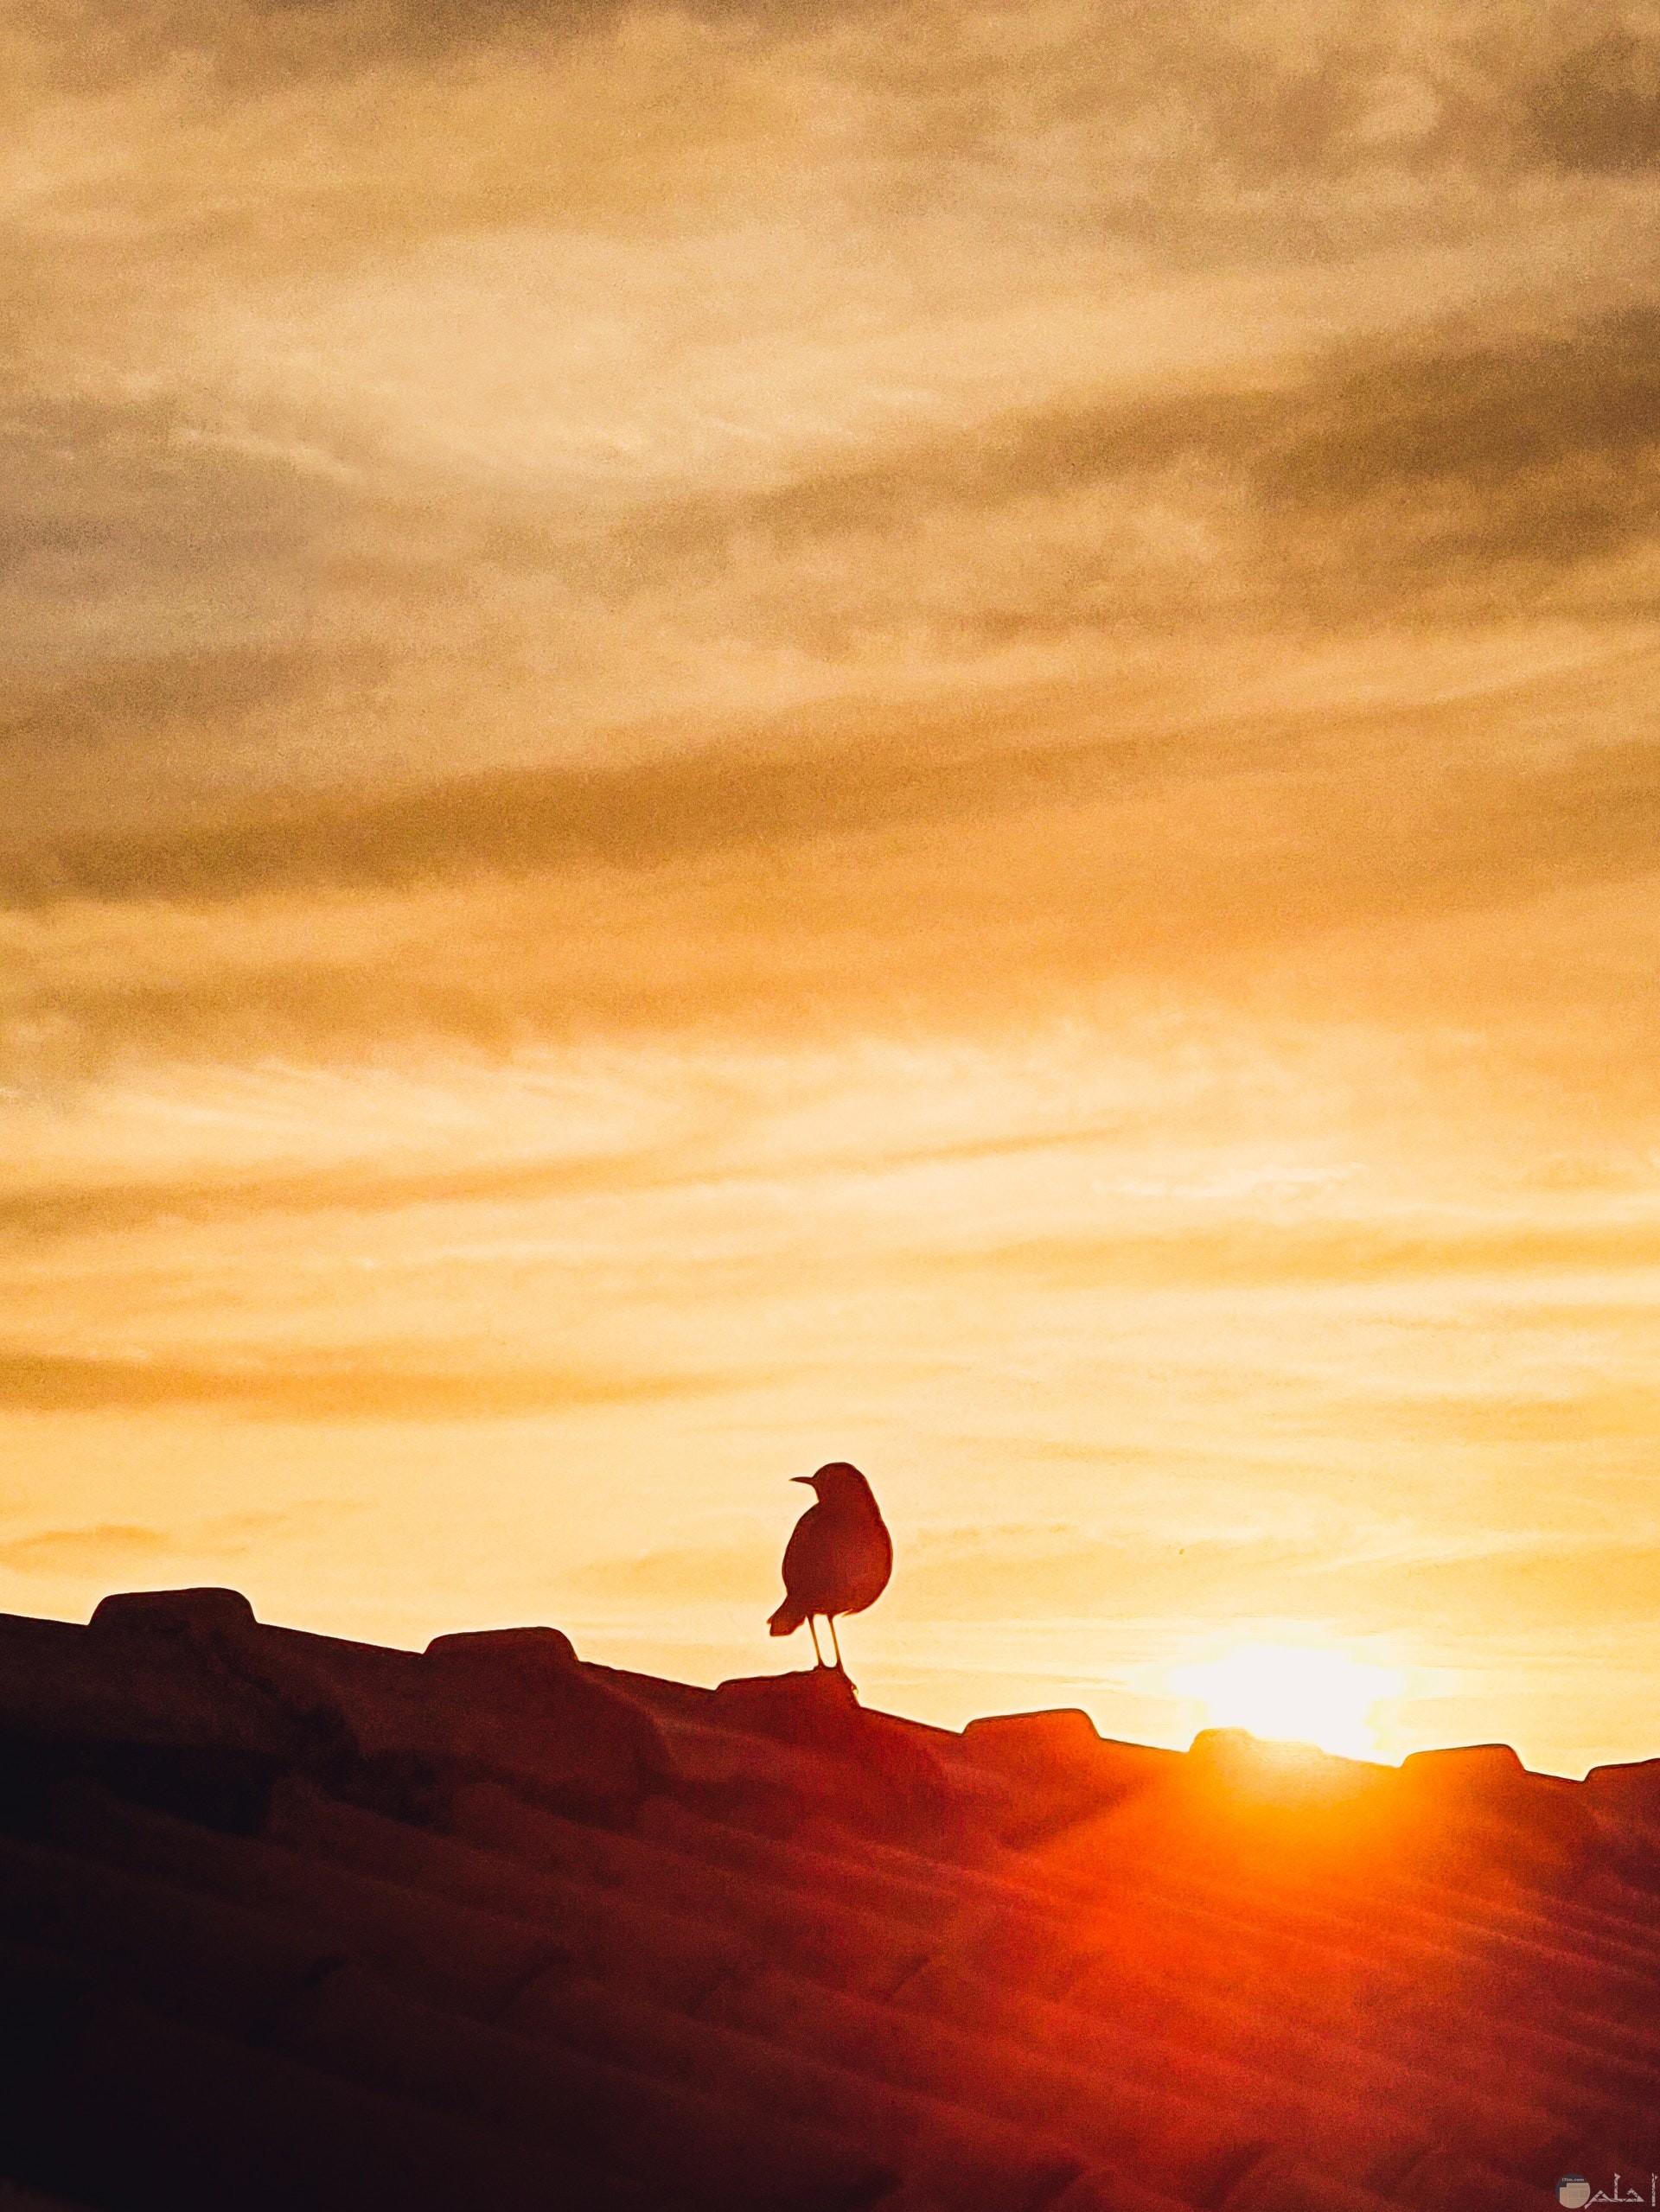 صورة مميزة جدا لطائر واقف فوق السطح وقت الغروب